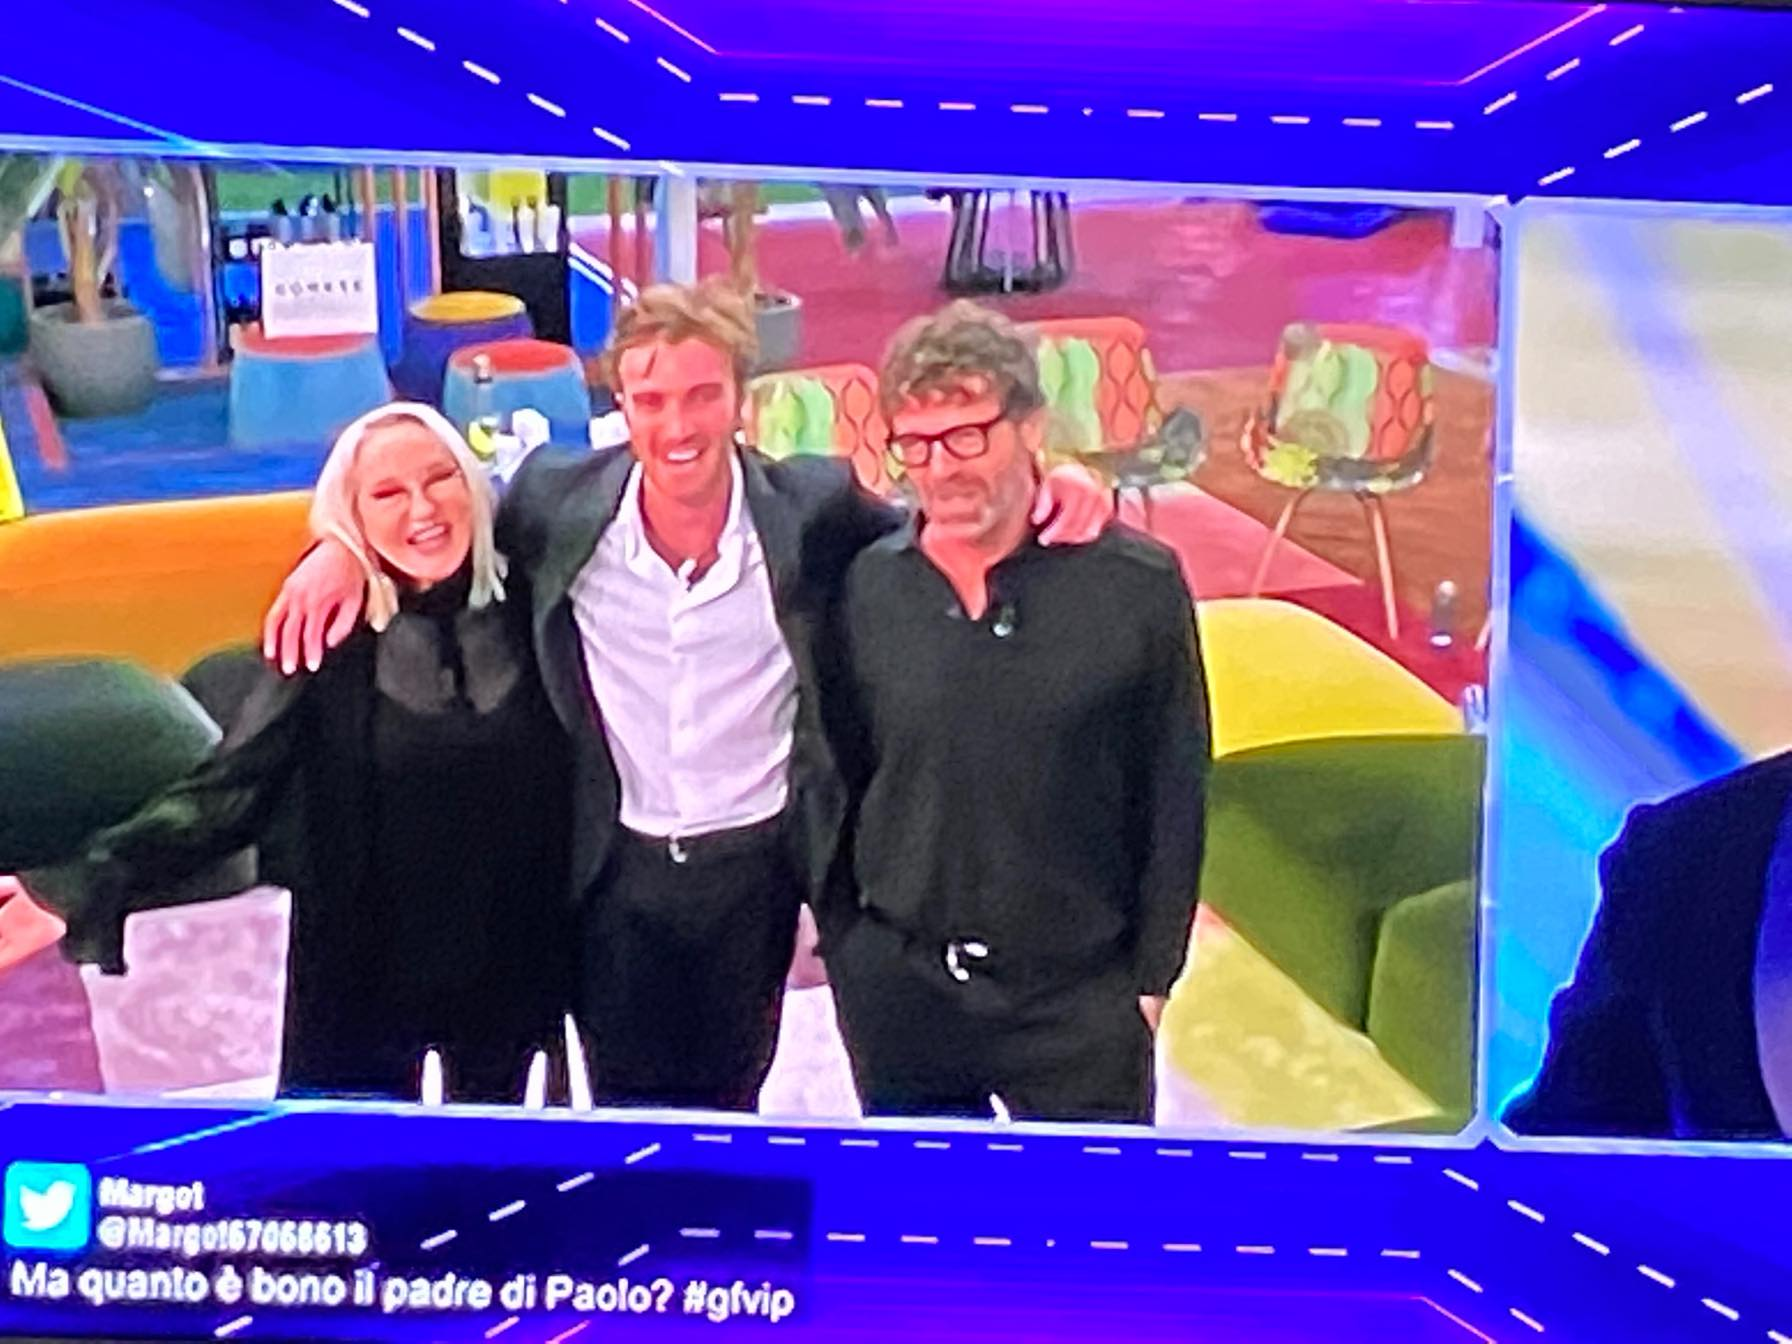 Eleonora Giorgi e Massimo Ciavarro dopo tanto tempo in tv insieme nella casa del GF per il figlio Paolo